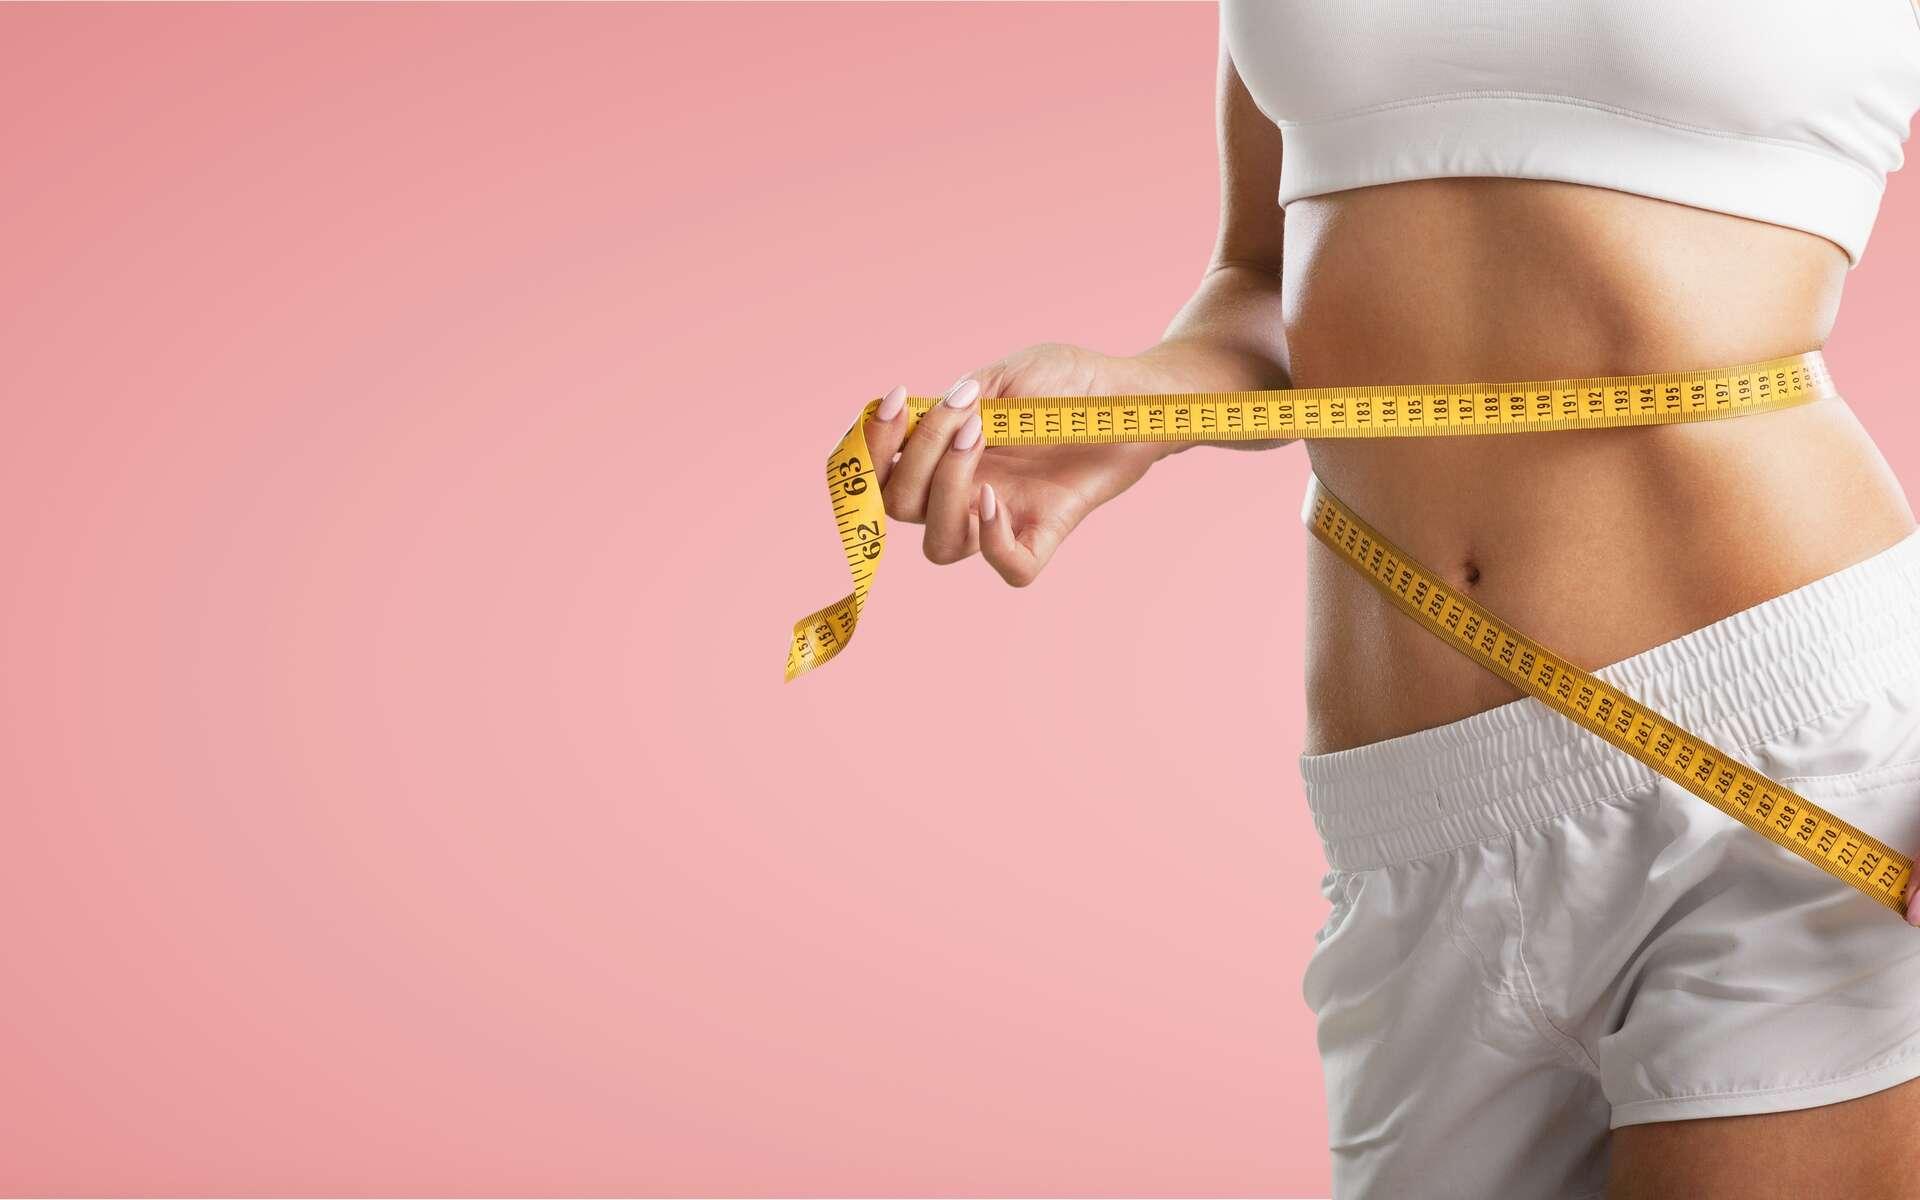 Perdre du poids accroît le risque de troubles du comportement alimentaire. © BillionPhotos.com, Adobe Stock